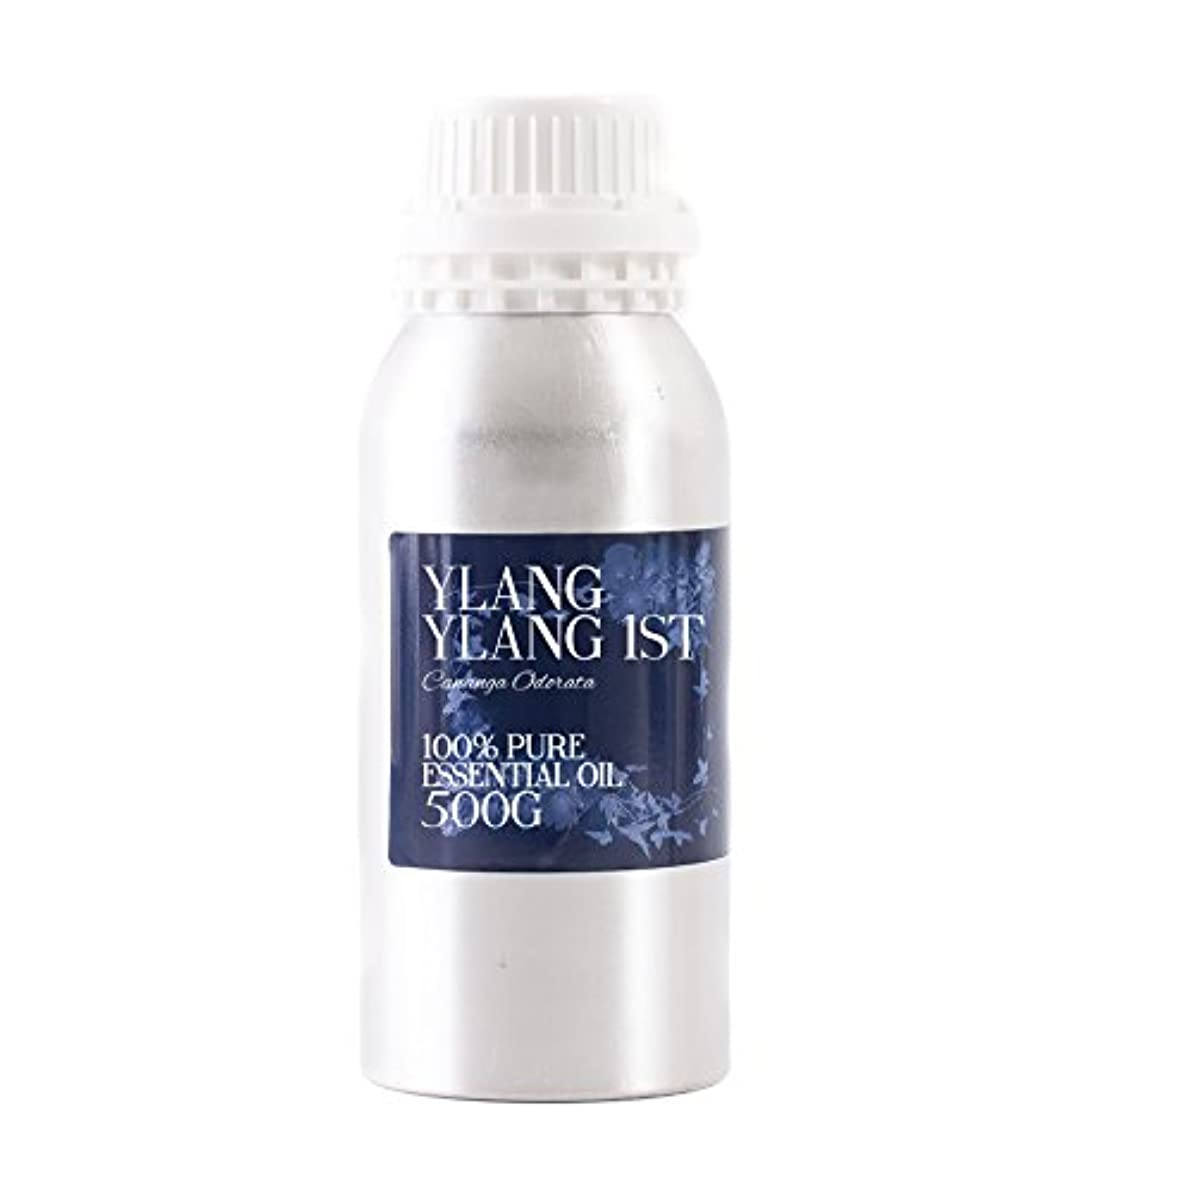 不機嫌そうなはちみつラオス人Mystic Moments | Ylang Ylang 1st Essential Oil - 500g - 100% Pure